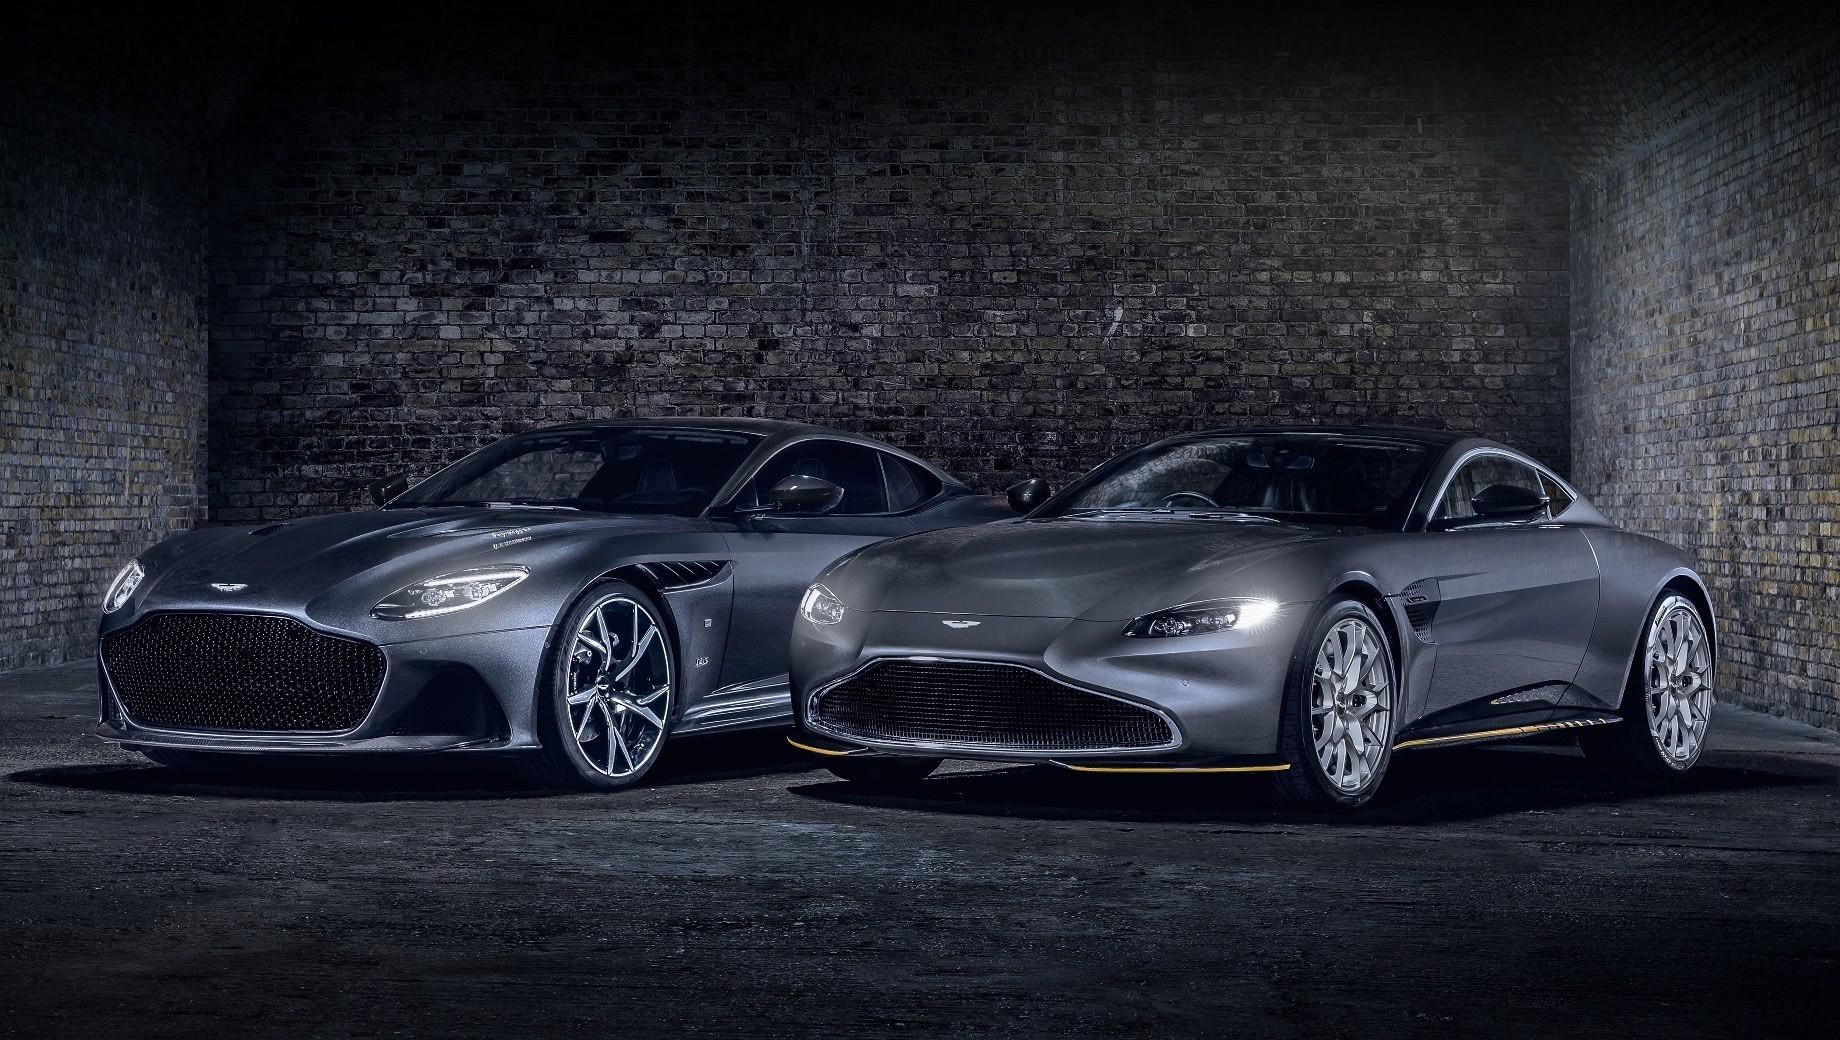 Aston martin v8 vantage,Aston martin vantage,Aston martin dbs,Aston martin dbs superleggera. Заказы на автомобили Aston Martin Vantage 007 Edition и DBS Superleggera 007 Edition уже принимают, а первые клиентские машины начнут поставлять владельцам в начале 2021 года. Цены — 161 000 и 279 025 фунтов стерлингов соответственно (15,4 и 26,7 млн рублей). Базовые модели оцениваются в 120 900 и 225 000 фунтов (11,6 и 21,5 млн рублей).